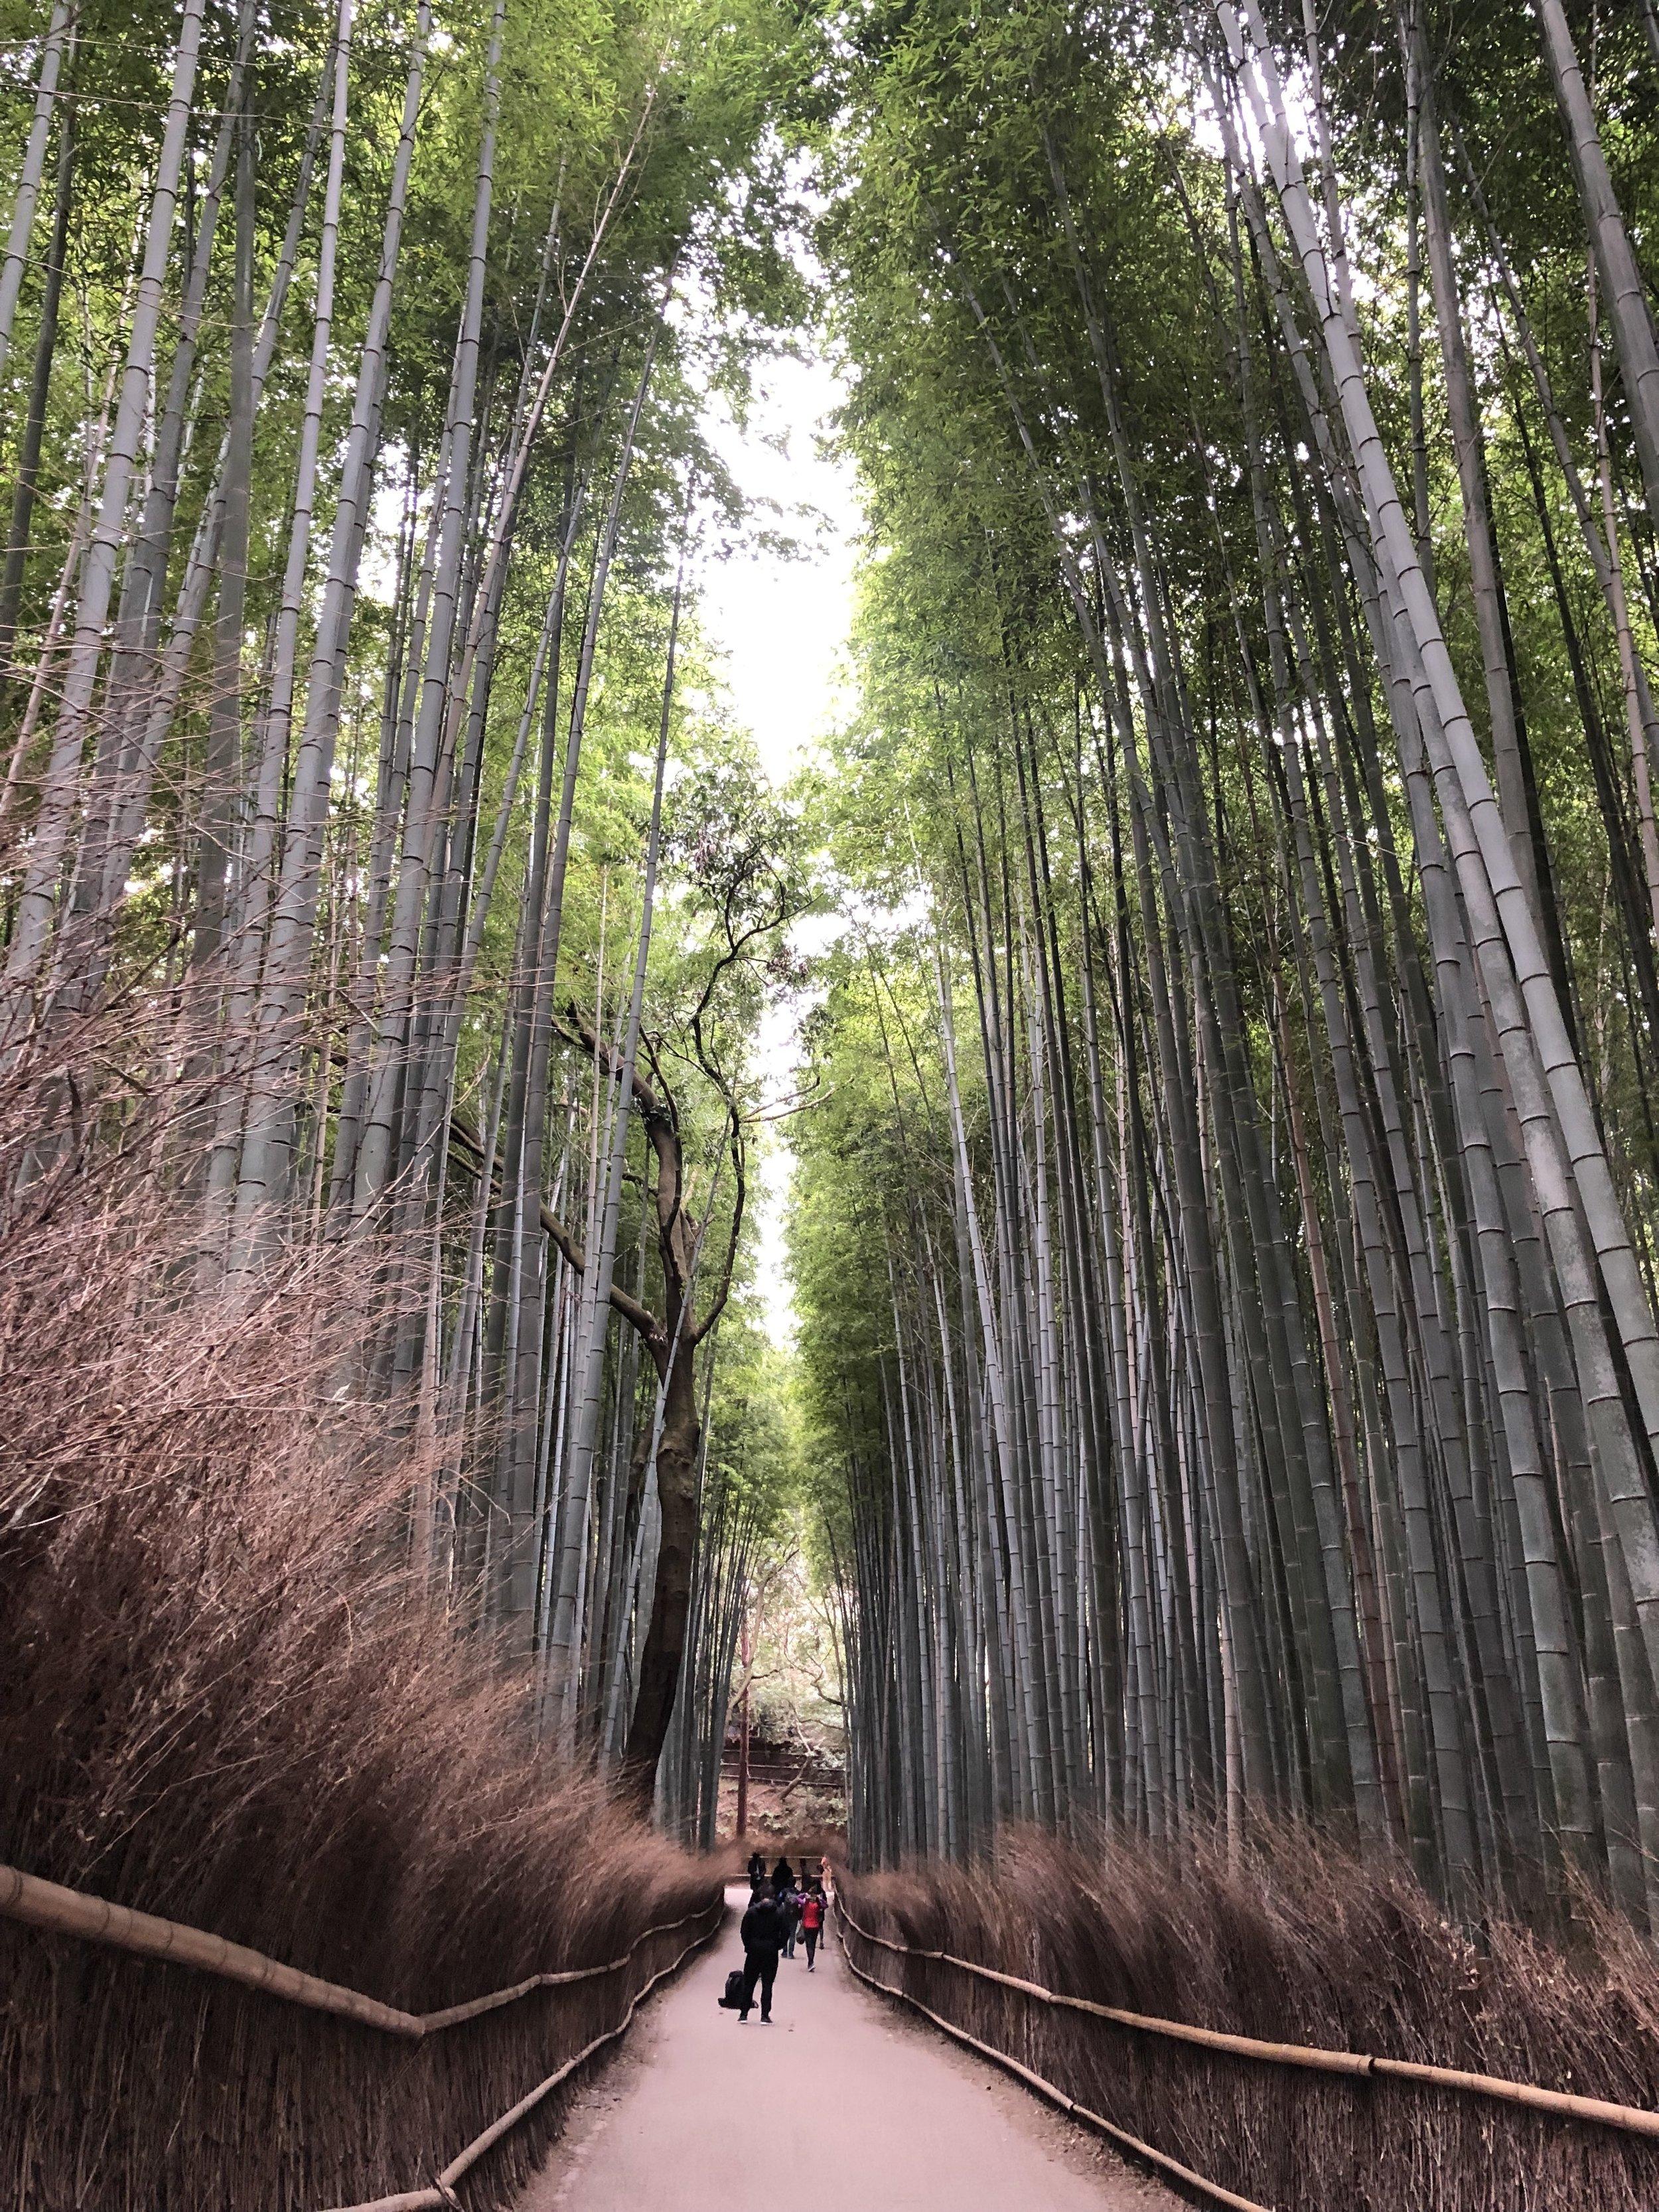 ARASHIYAMA BAMOBOO FOREST